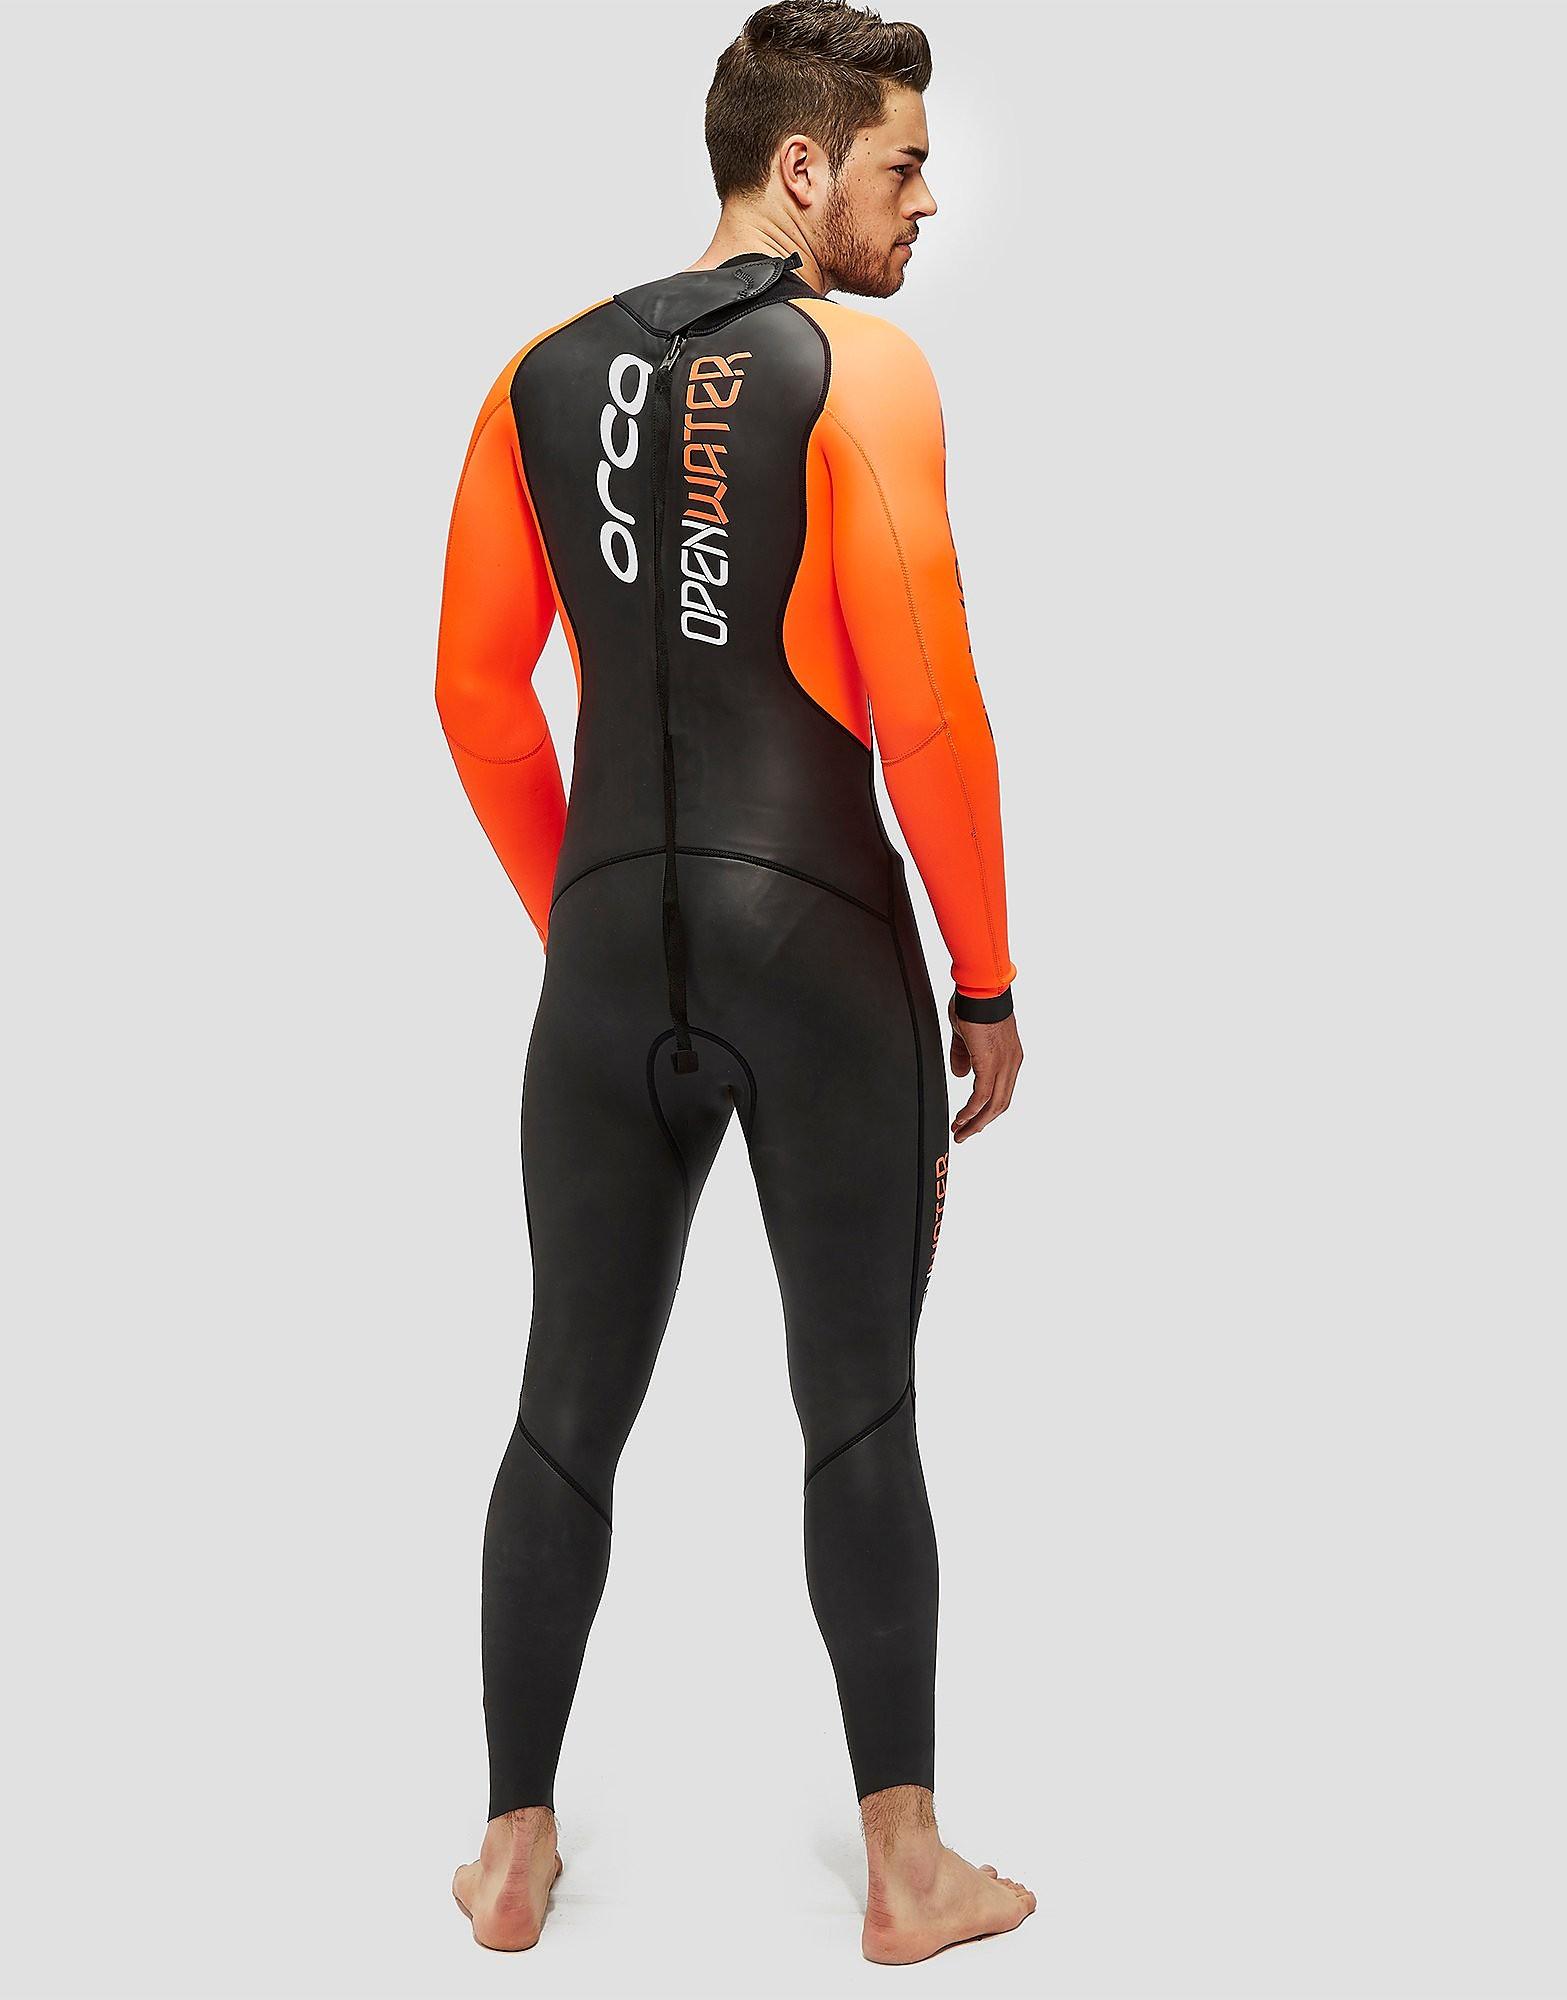 Orca Openwater Men's Wetsuit